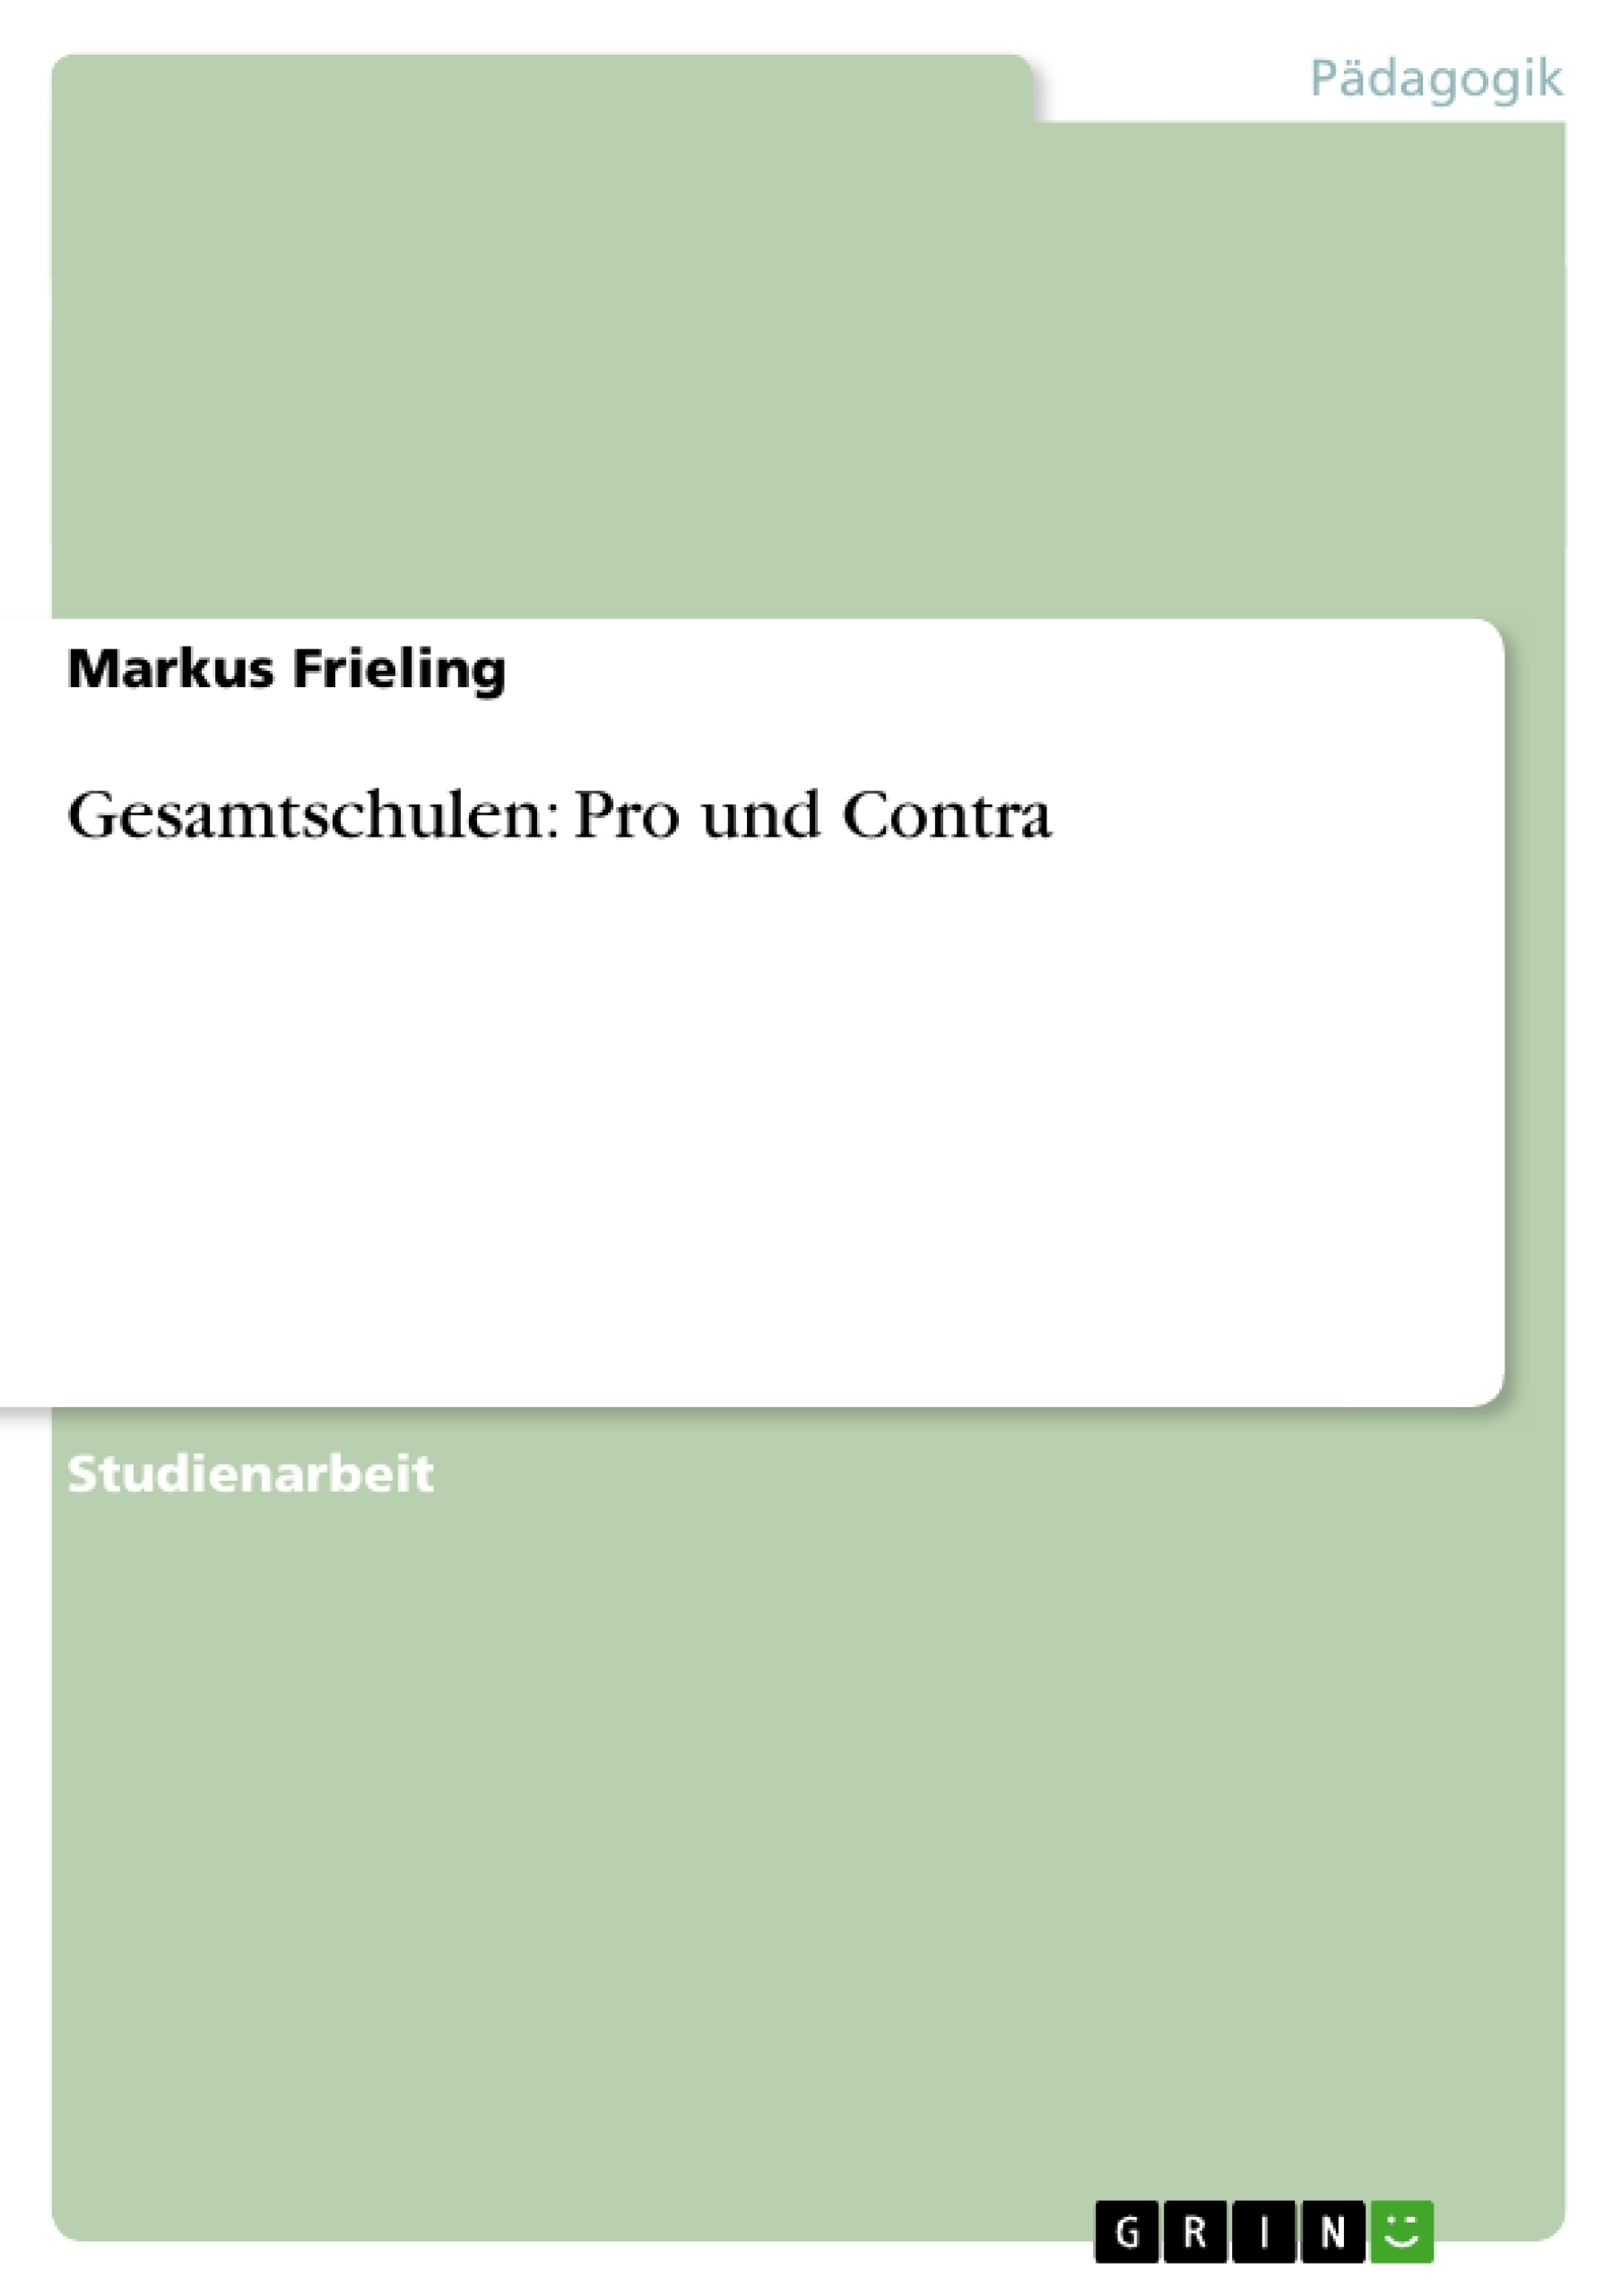 Titel: Gesamtschulen: Pro und Contra